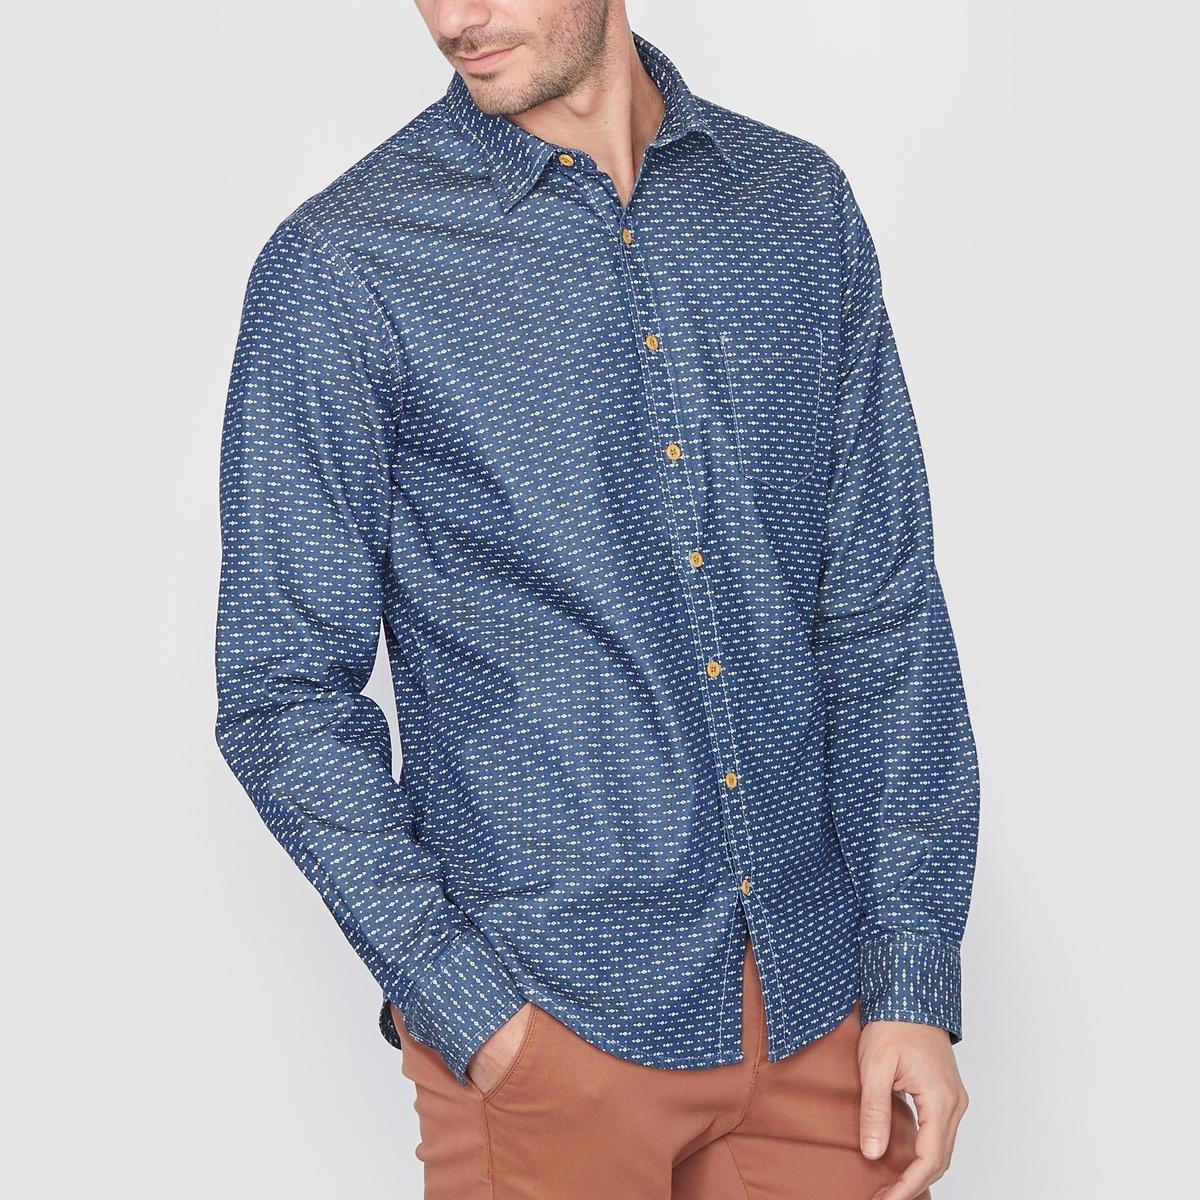 Рубашка джинсовая стандартного покроя с рисункомРубашка из денима с рисунком, 100% хлопка . Стандартный (прямой) покрой . Свободные уголки воротника  . Нагрудный карман . Длина 75,5 см .<br><br>Цвет: деним с рисунком